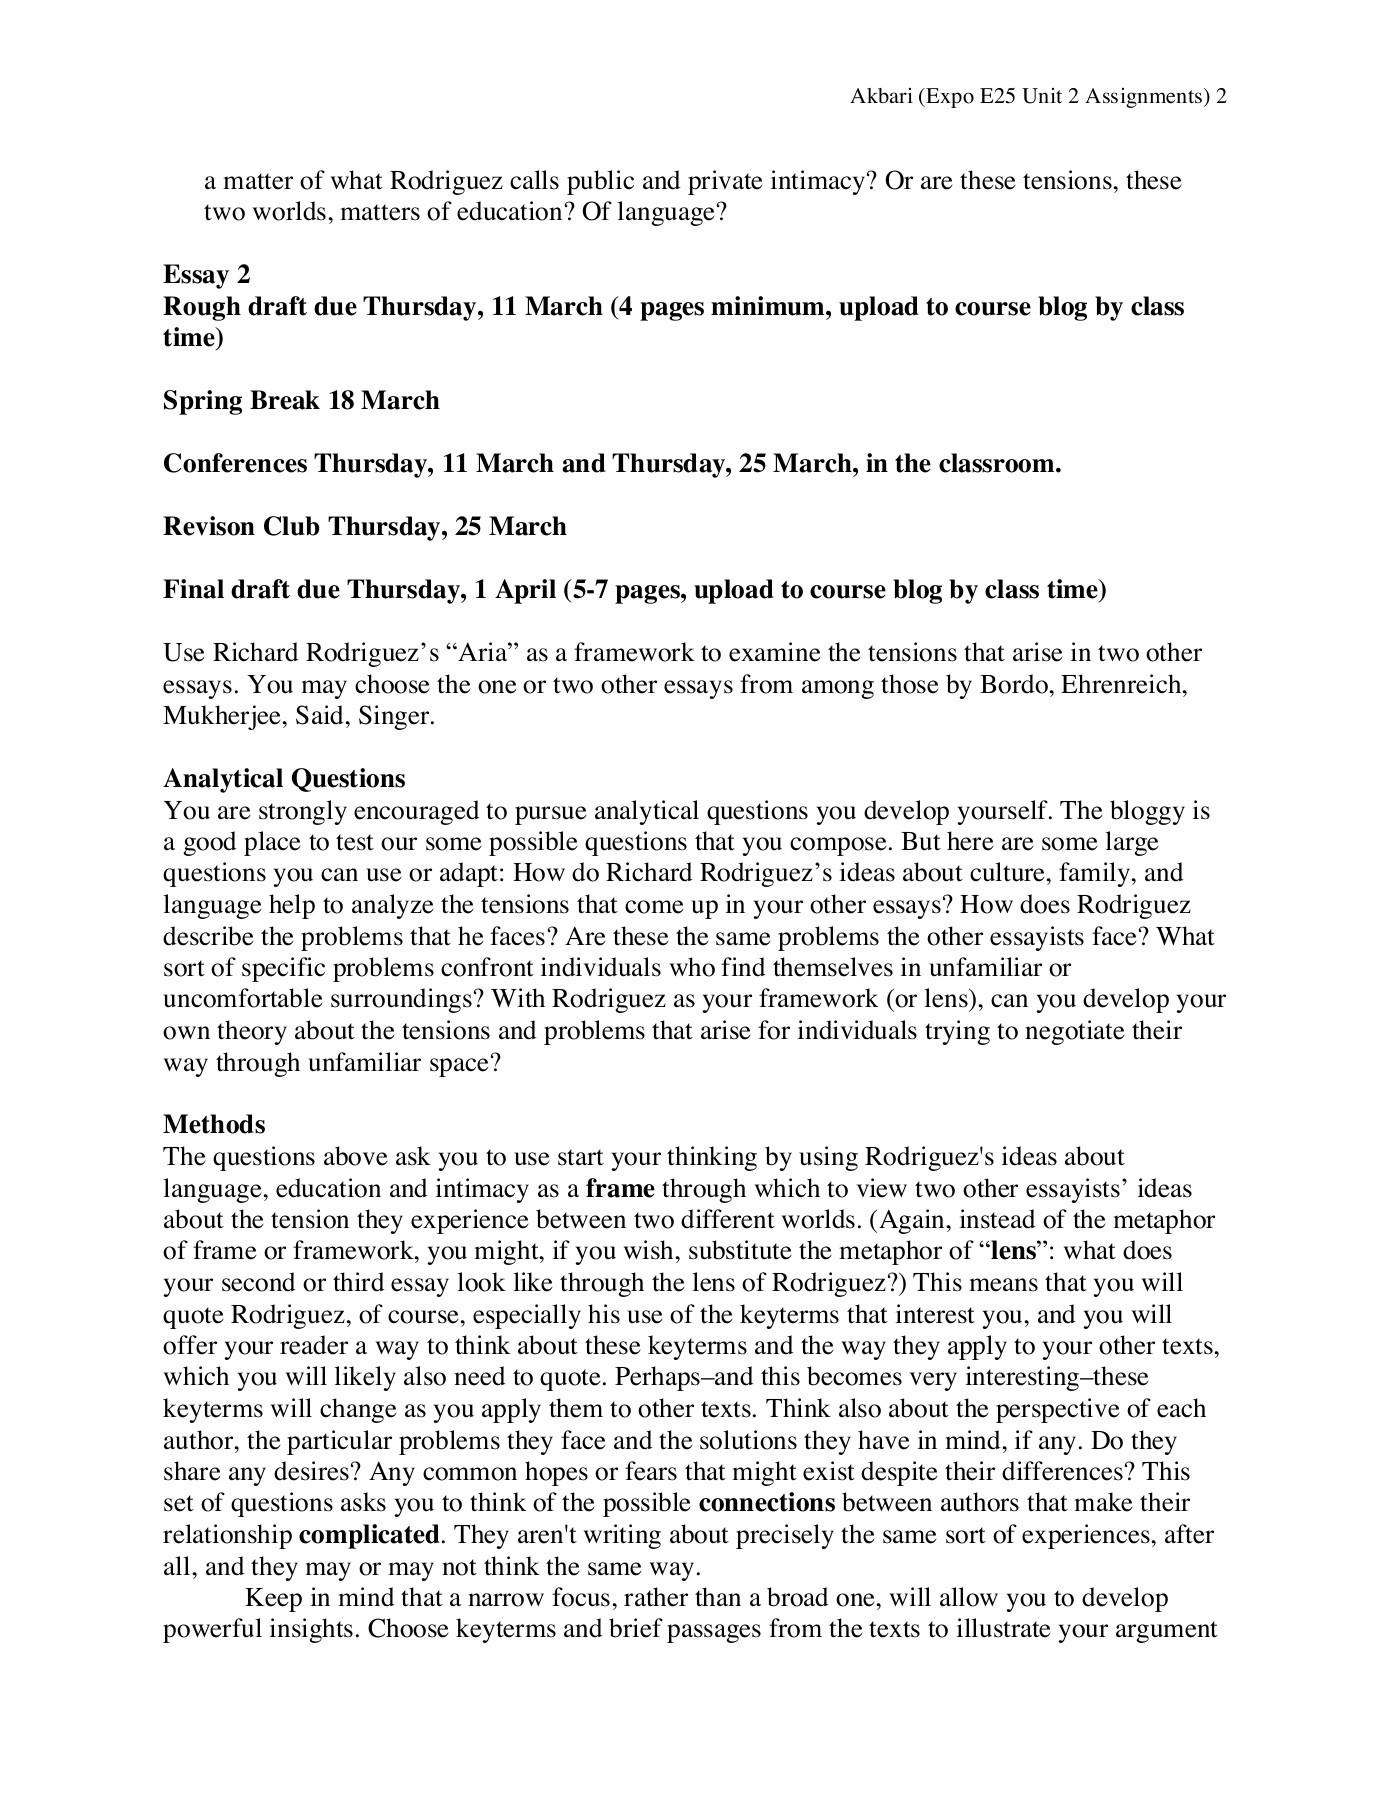 008 Essay Example Spring Stupendous Break Plans Alternative Outline Full